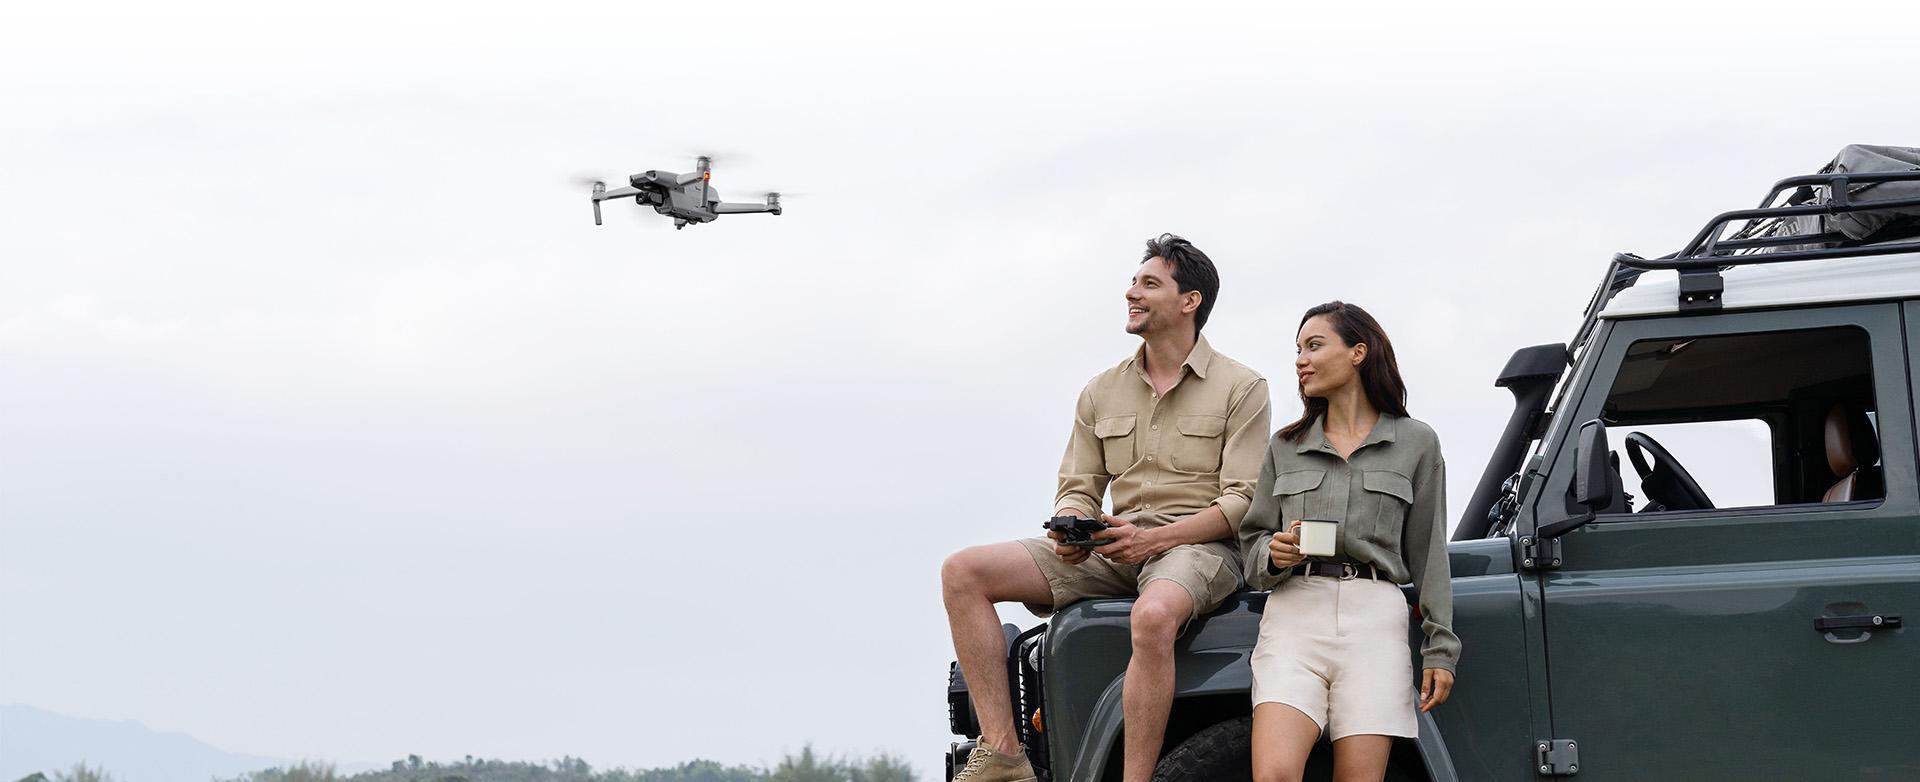 Filmowe ujęcia z dronem DJI